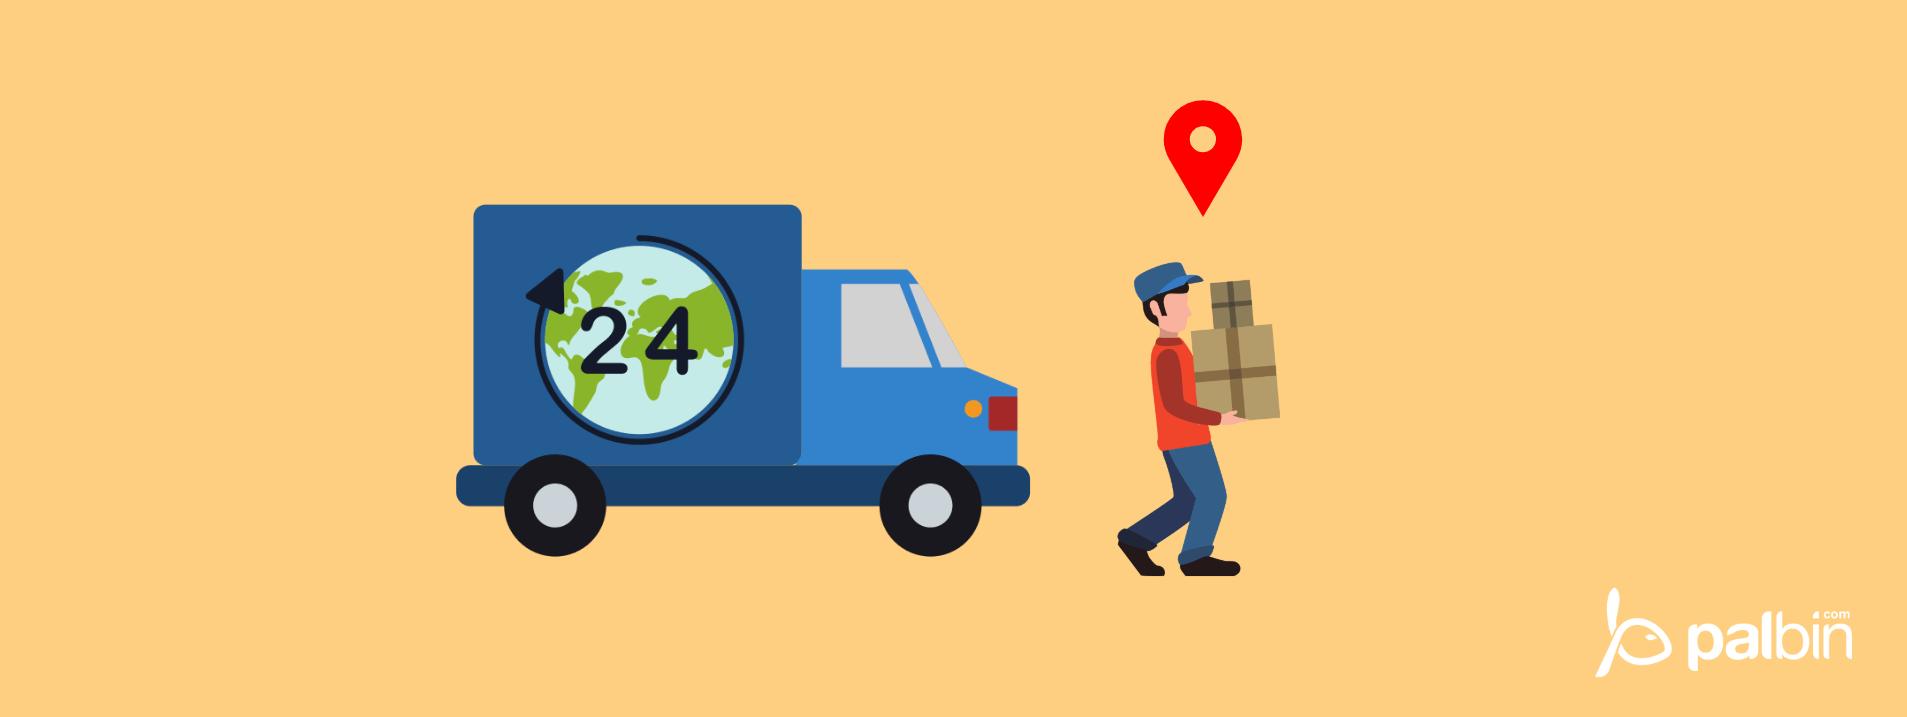 ¿Todavía no ofreces envíos en 24 horas en tu ecommerce? Atento a estos datos